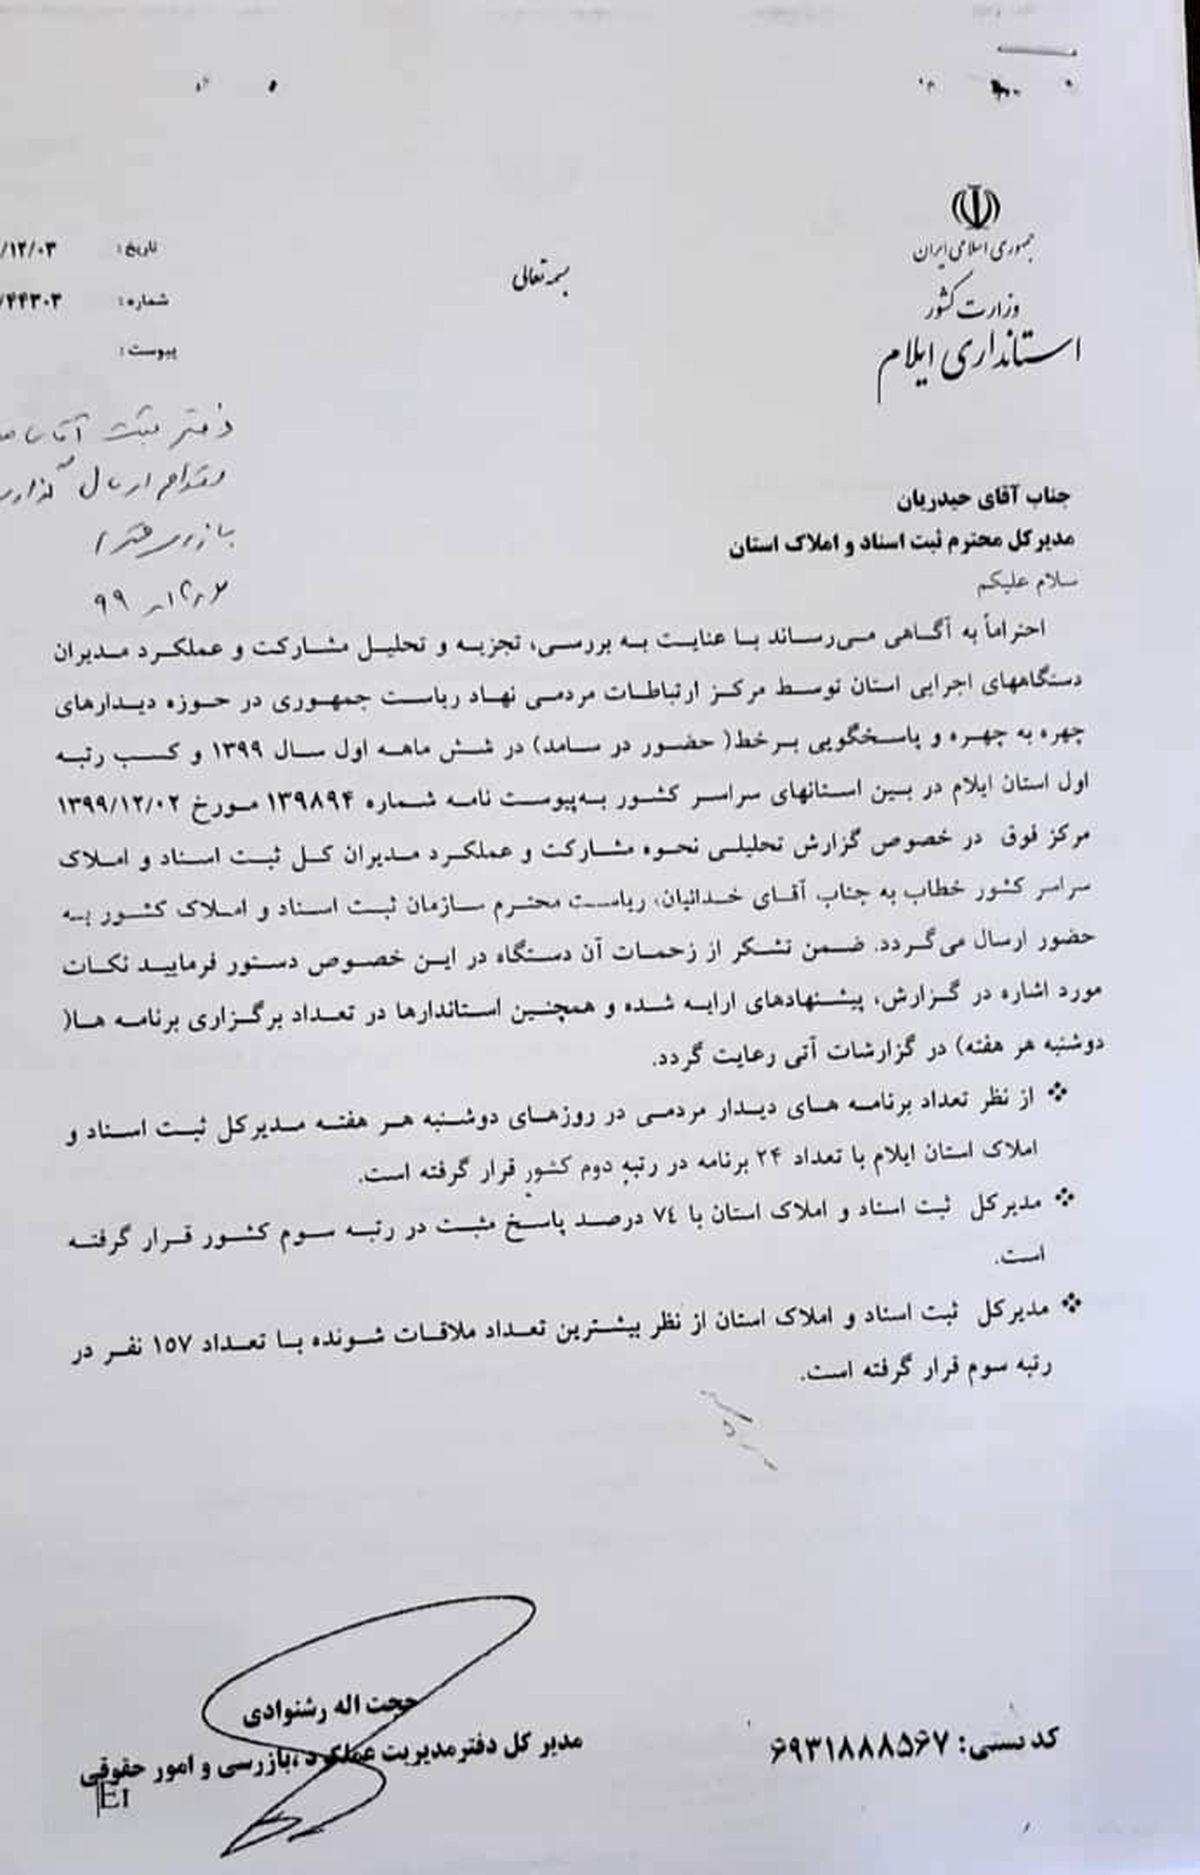 کسب رتبه برتر ثبت اسناد استان ایلام در سامانه پاسخگویی الکترونیکی(سامد)